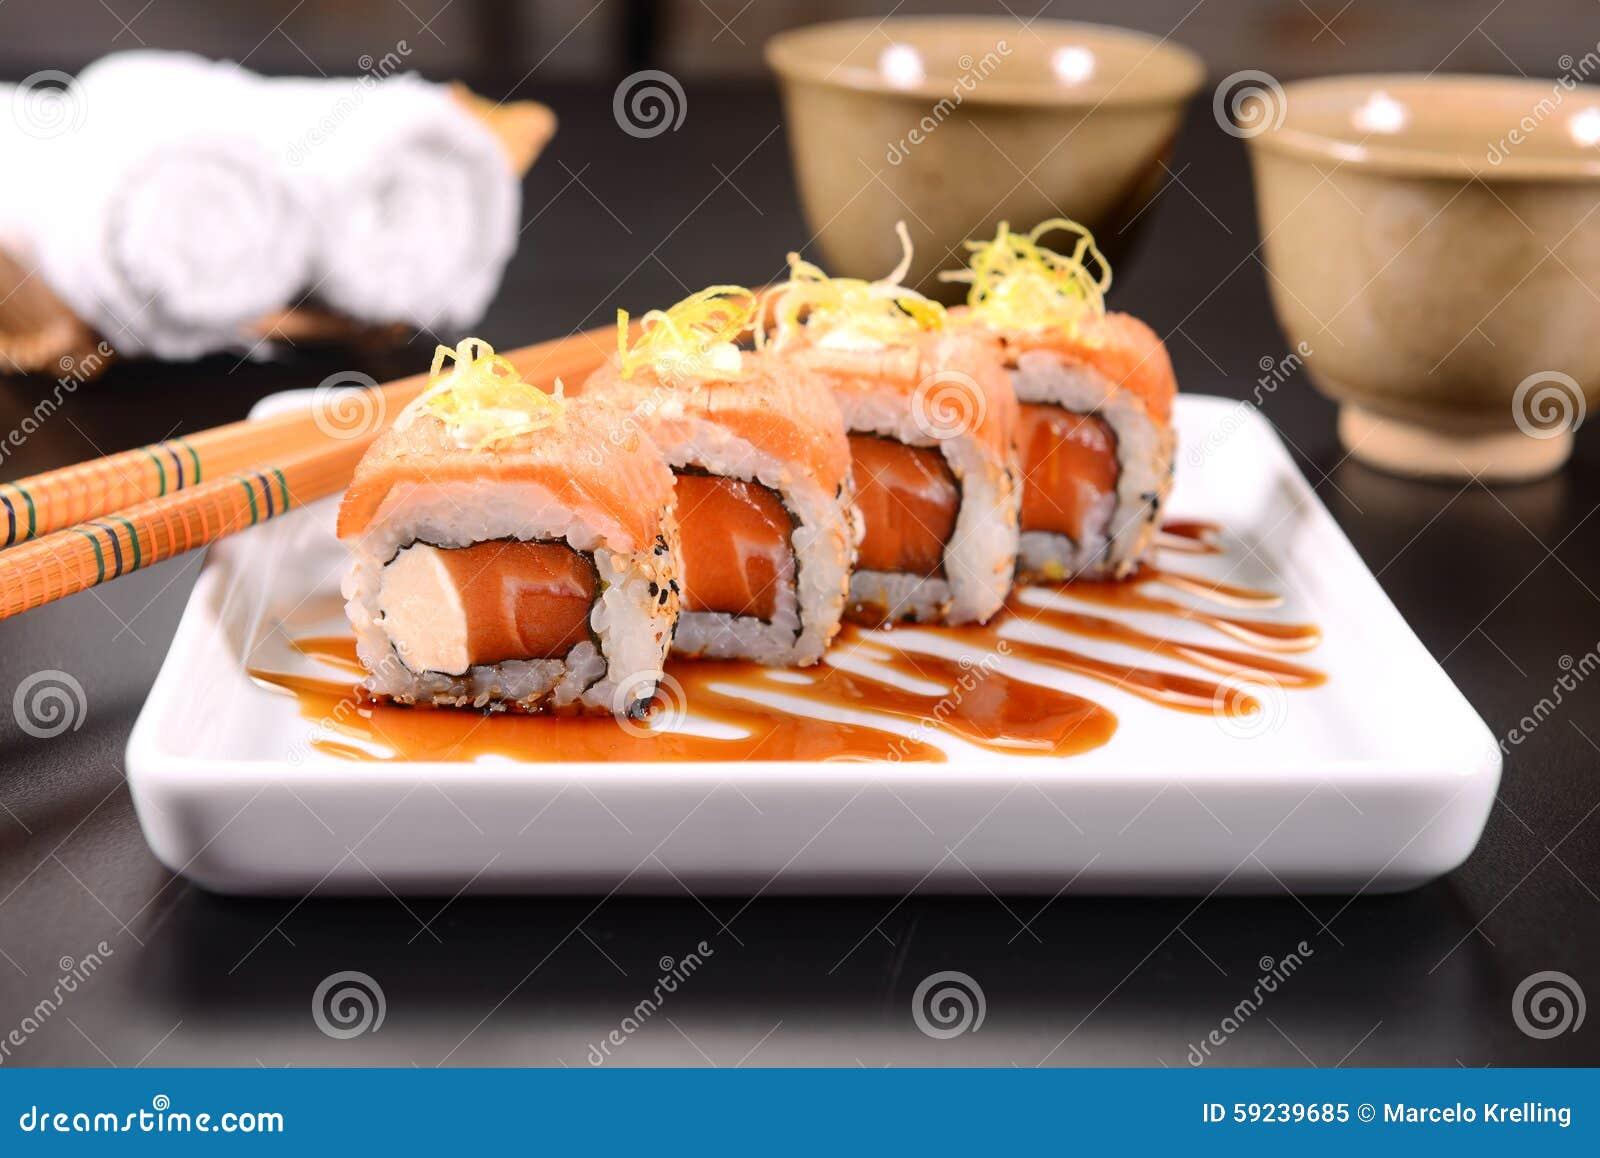 Download Sushi imagen de archivo. Imagen de palillos, paja, ajustado - 59239685